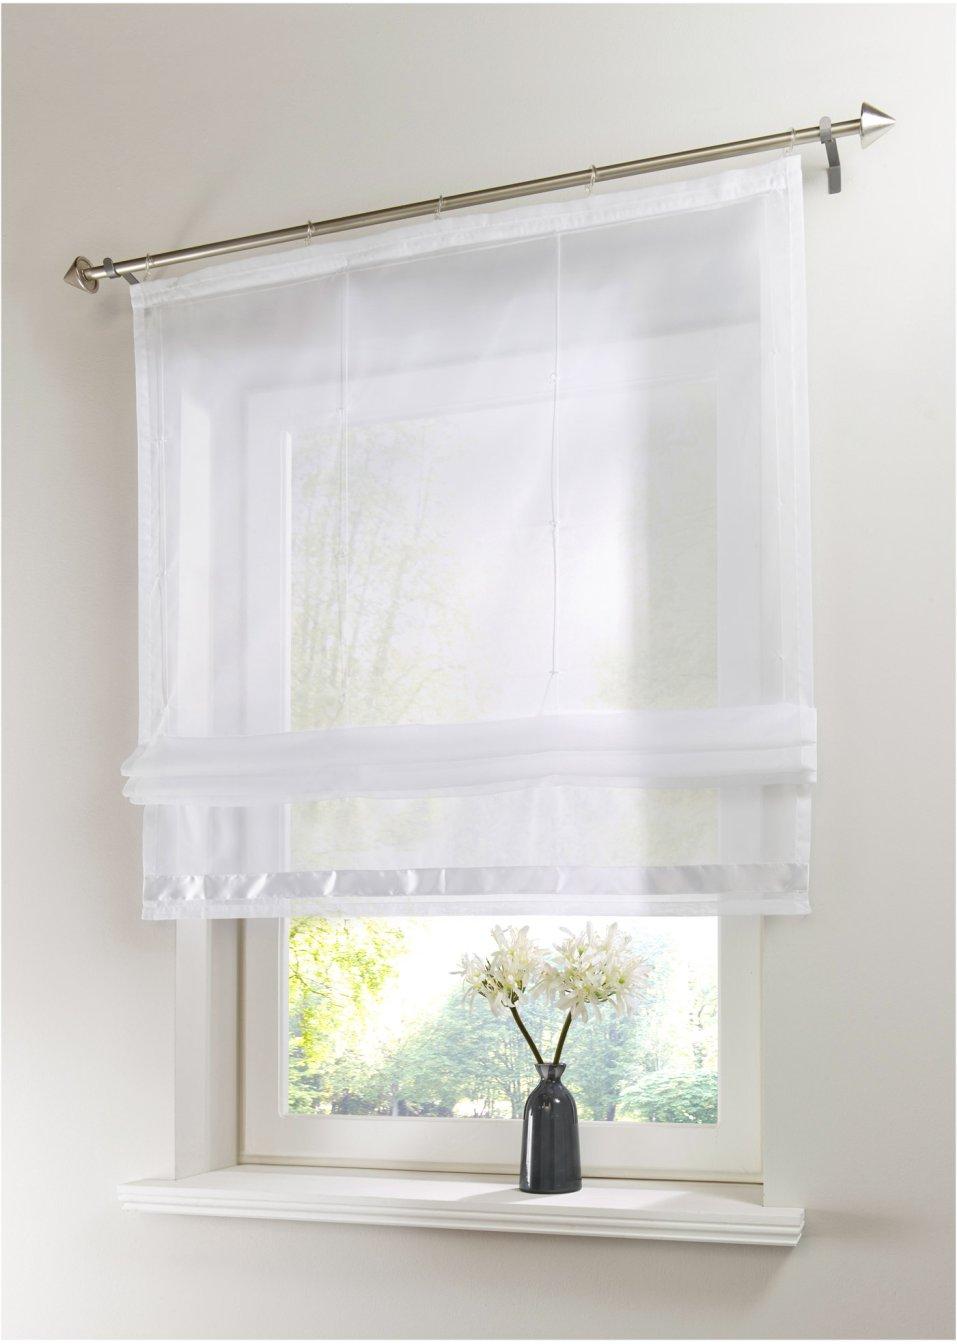 klassische optik mit h bschem satindetail raffrollo kelly wei klettschiene. Black Bedroom Furniture Sets. Home Design Ideas